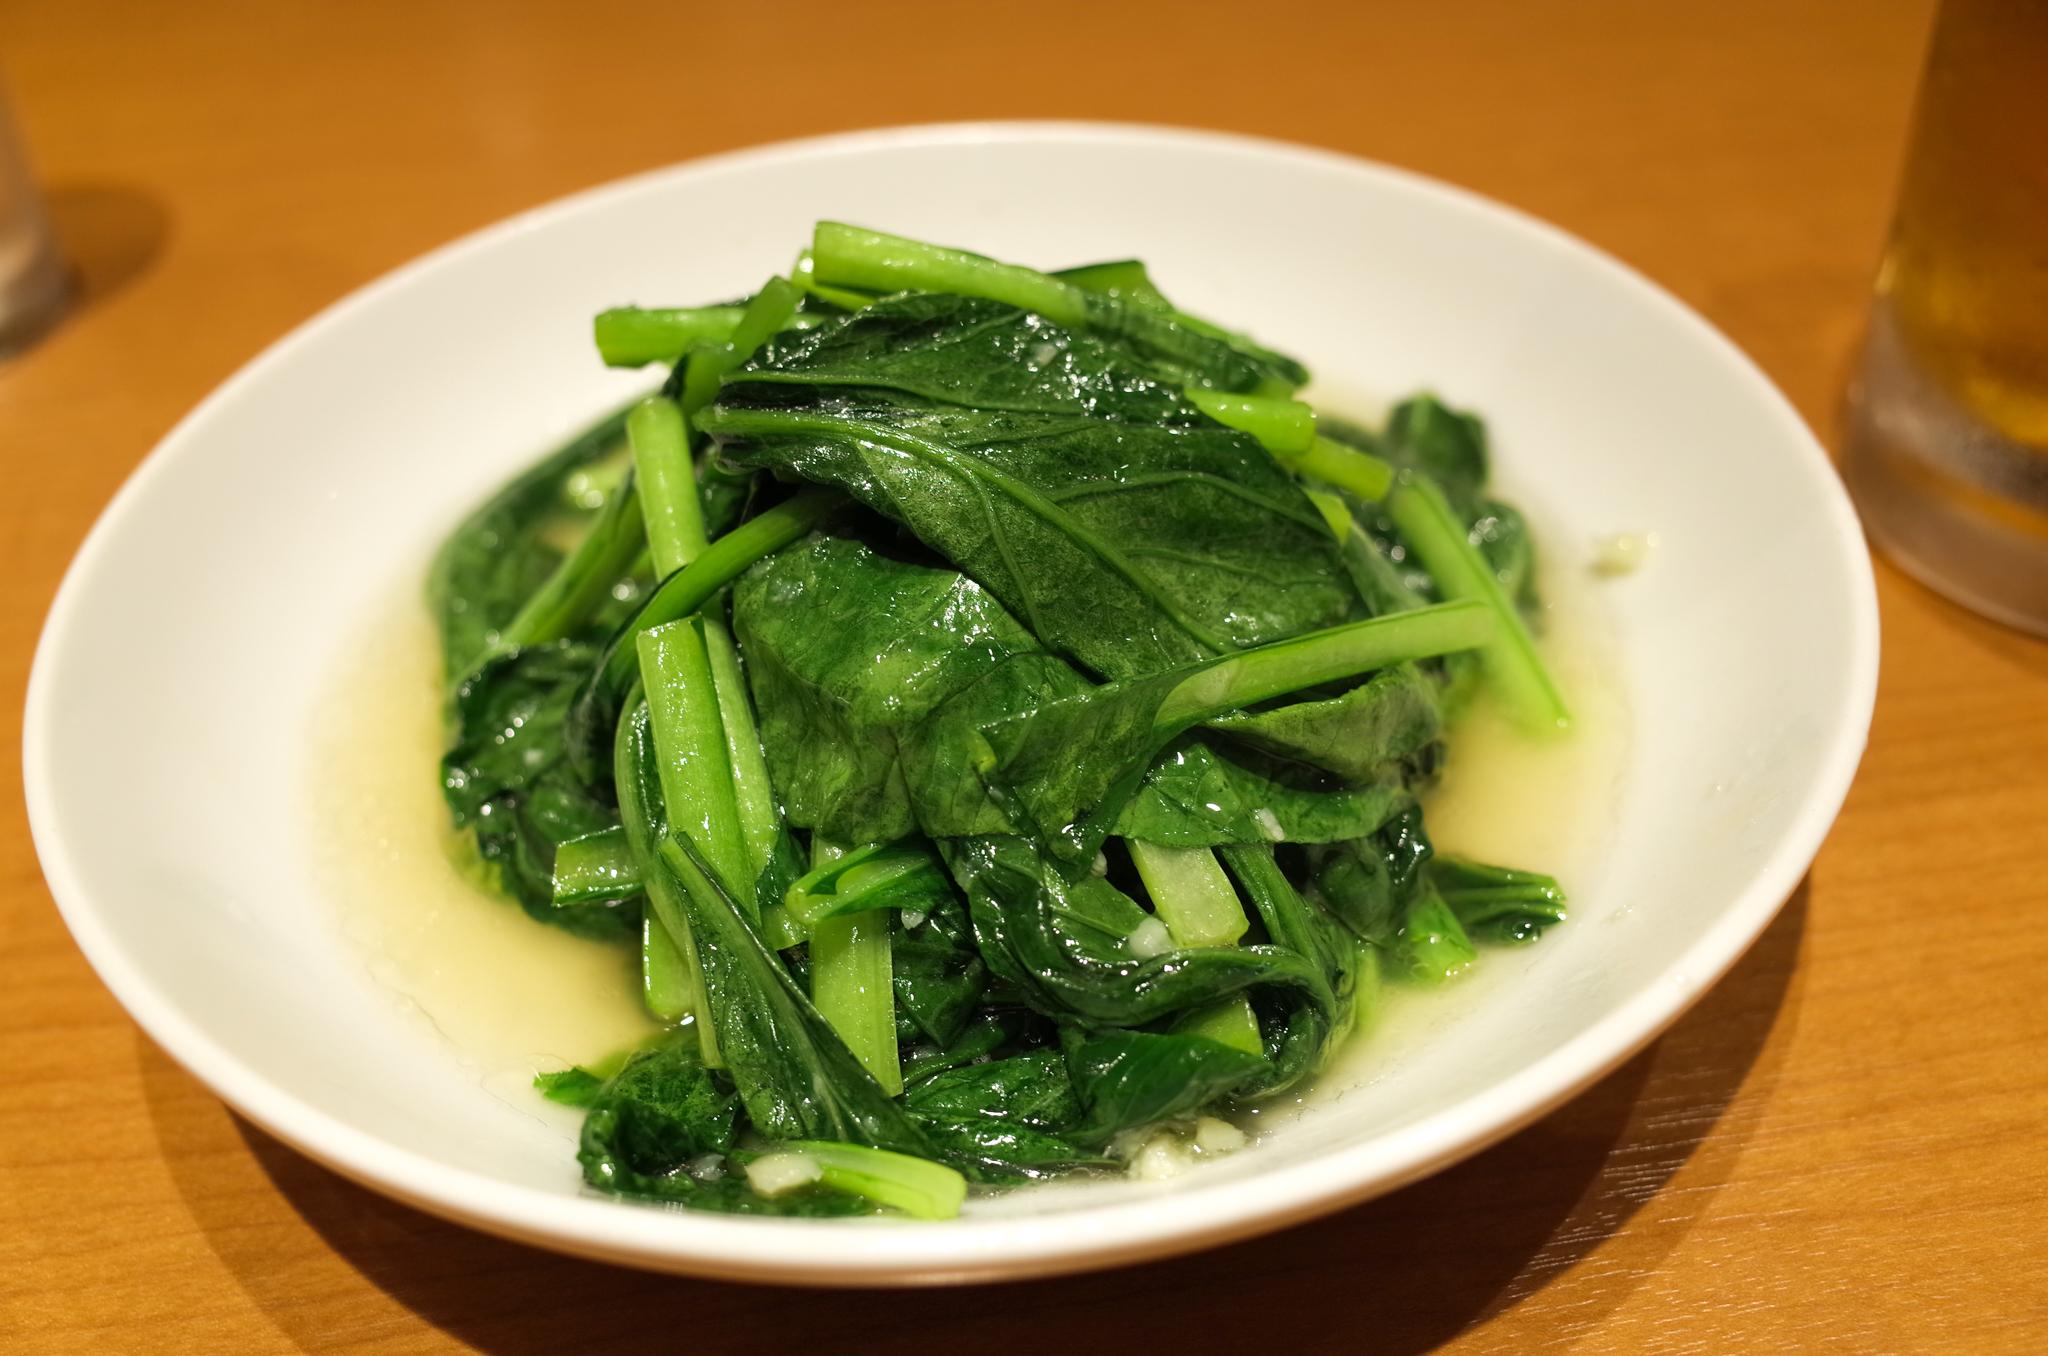 青菜炒めはどの店舗でもうまい